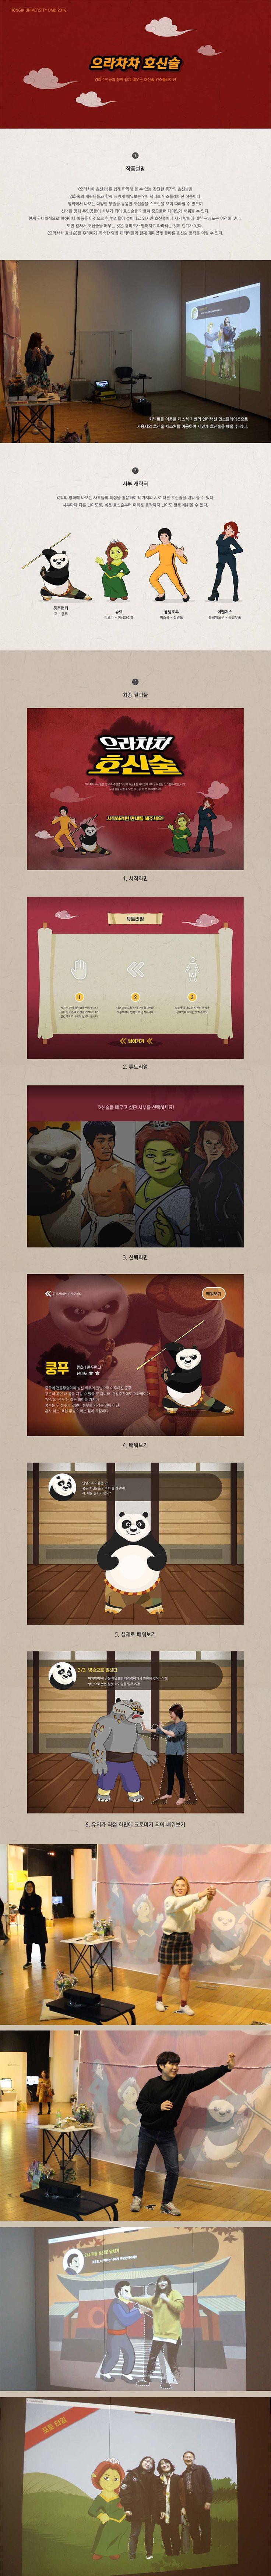 김정민, 정윤주, 장은재│Unlimited│ Major in Digital Media Design │#hicoda │hicoda.hongik.ac.kr